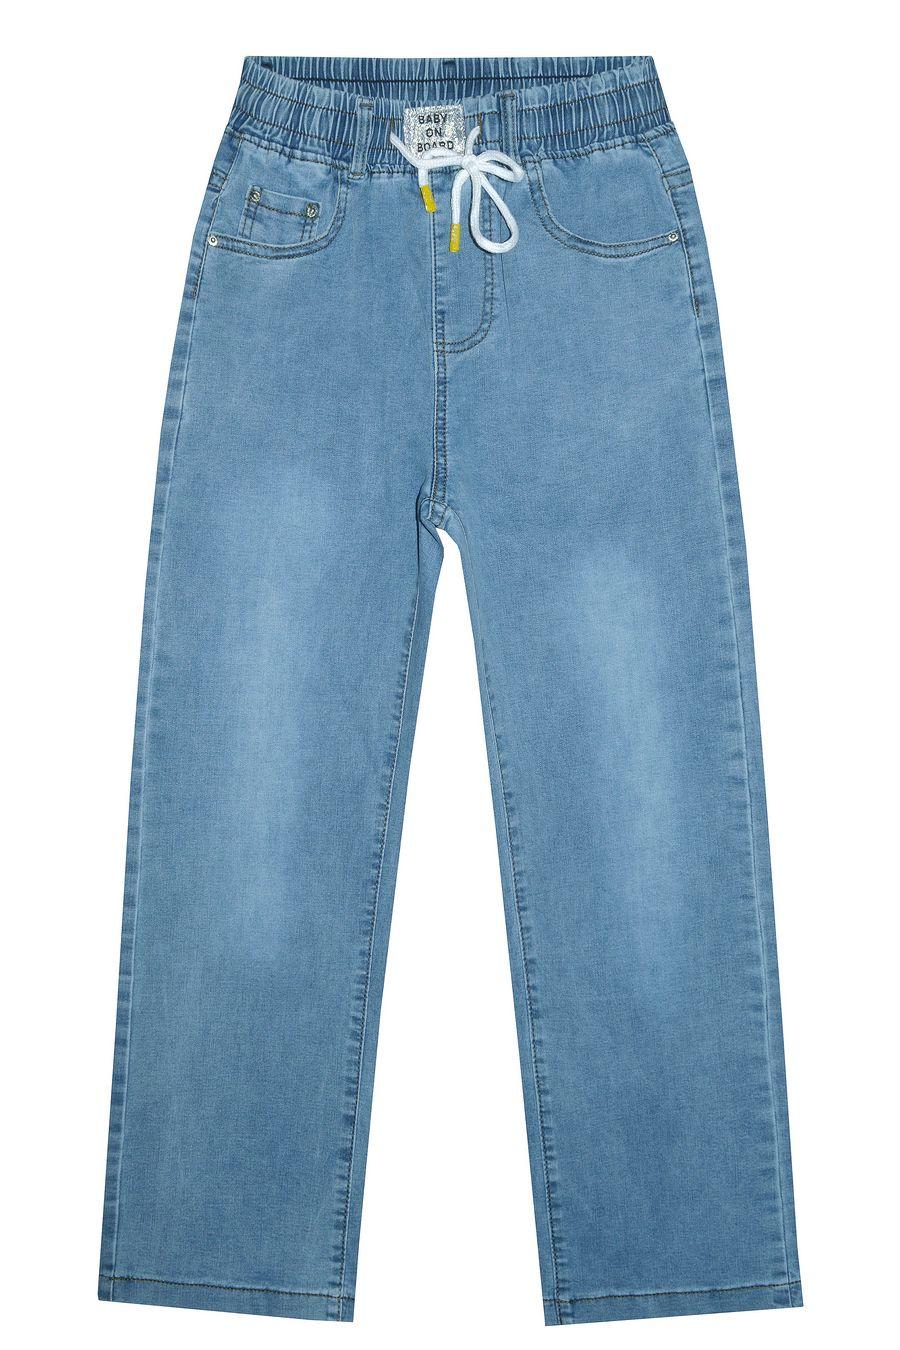 Джинсы женские K.Y Jeans 3026/3027 - фото 1